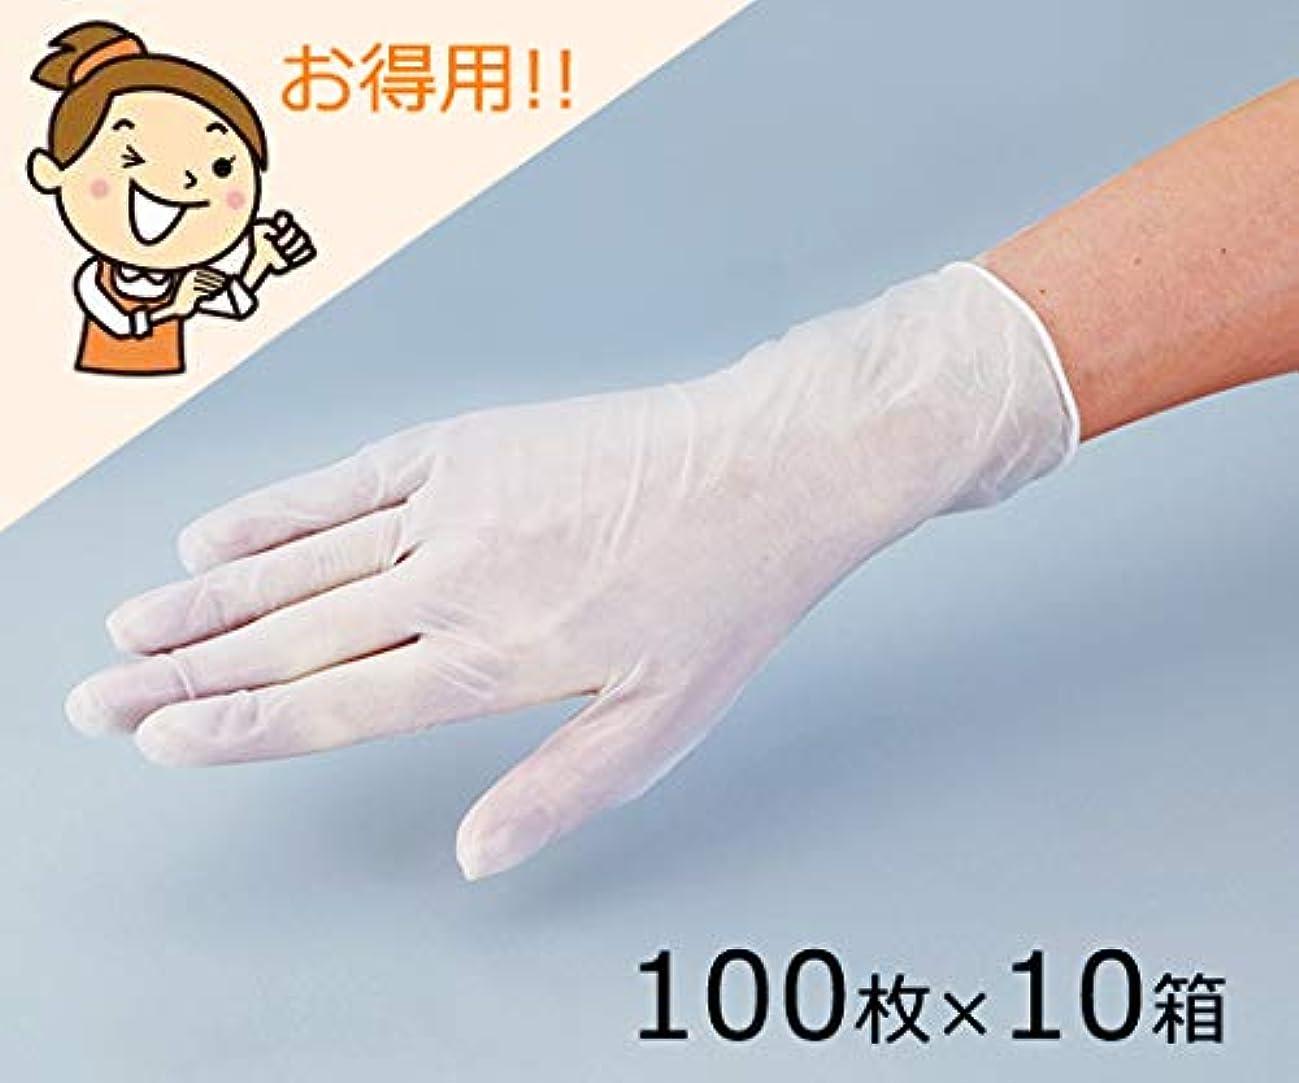 余剰怪物シマウマアズワン7-2396-11ケアプラスチック手袋(パウダーフリー)L1ケース(100枚/箱×10箱入)